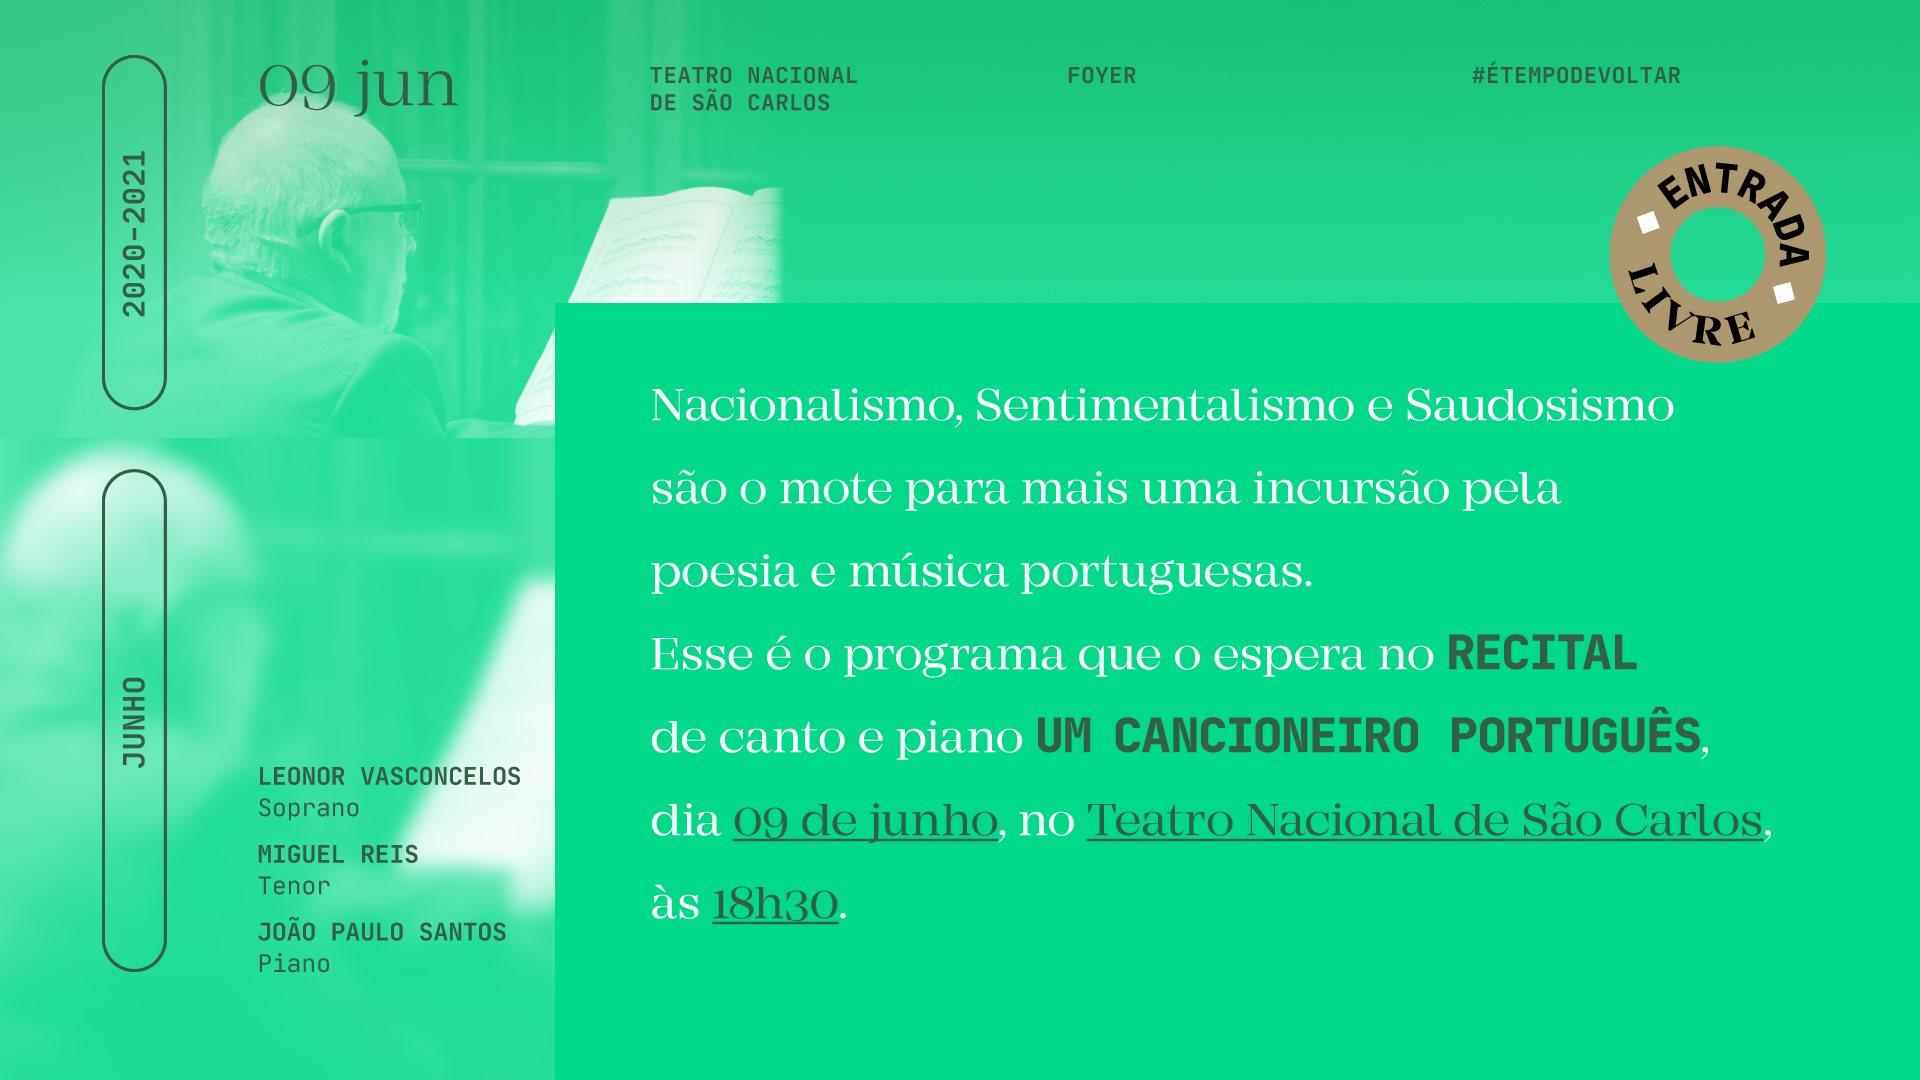 Recital de Canto e Piano — Um Cancioneiro Português V